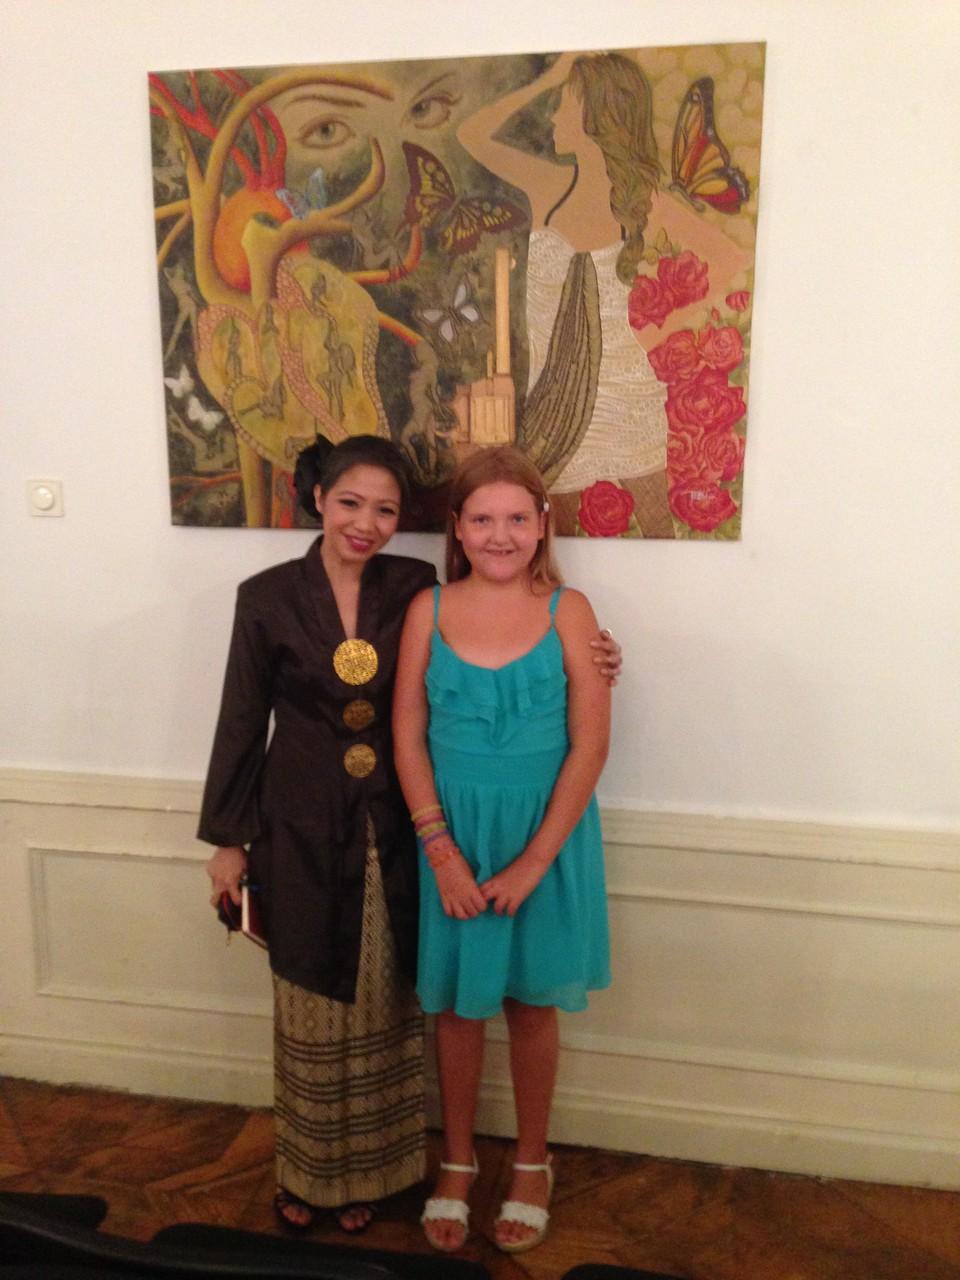 die malaysische Künstlerin Fay Zakaria - 7.Annuale-MOYA - 23.6.2014